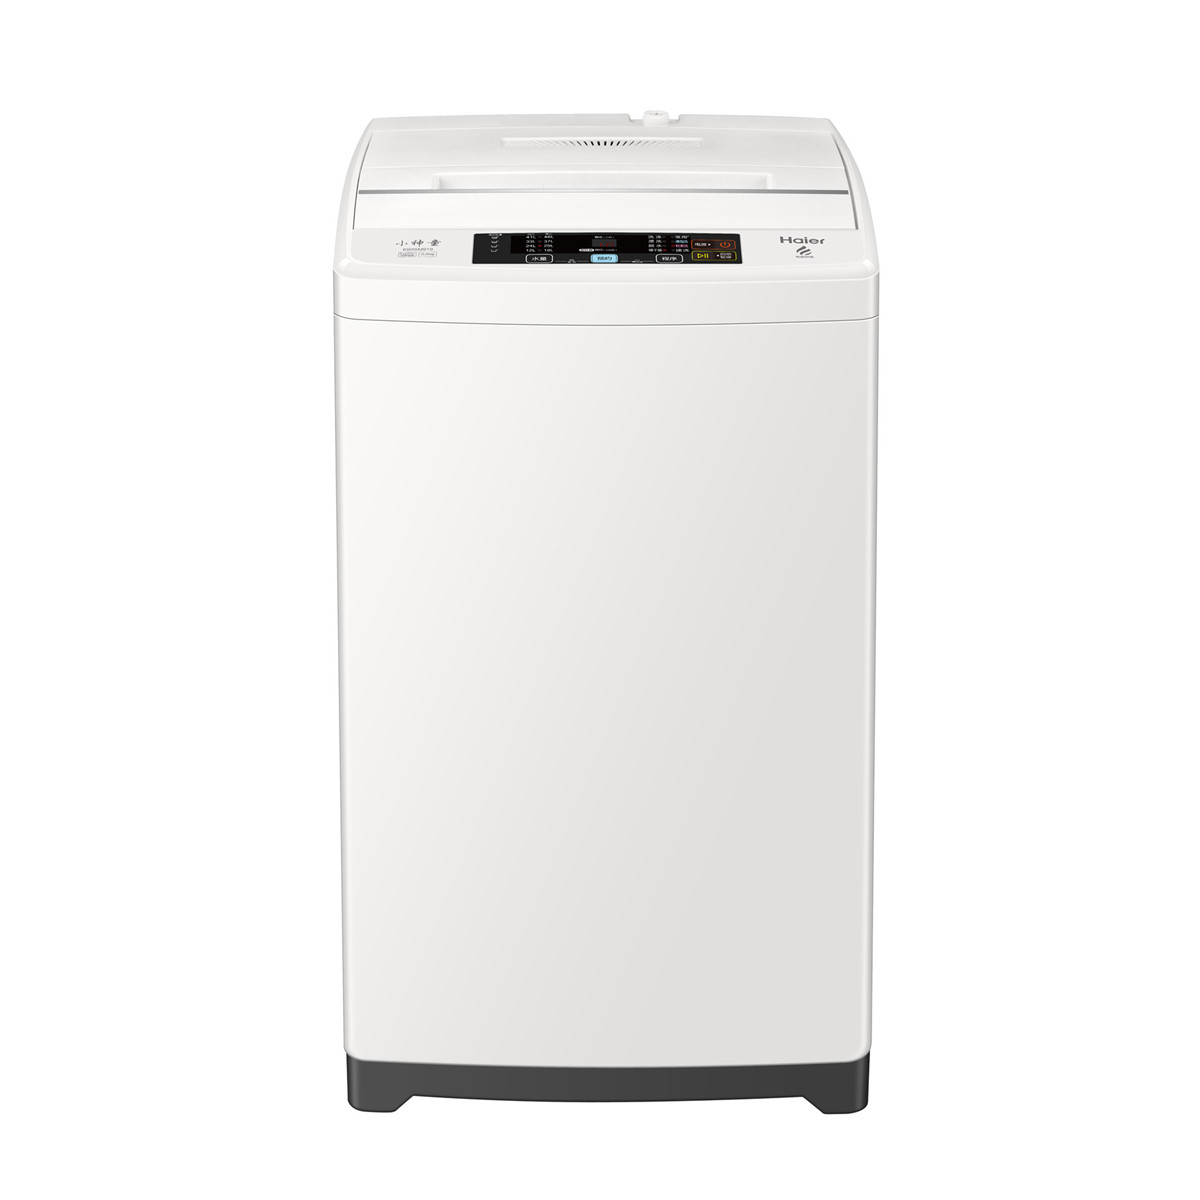 海尔双动力洗衣机价格多少 双动力洗衣机价格讲解